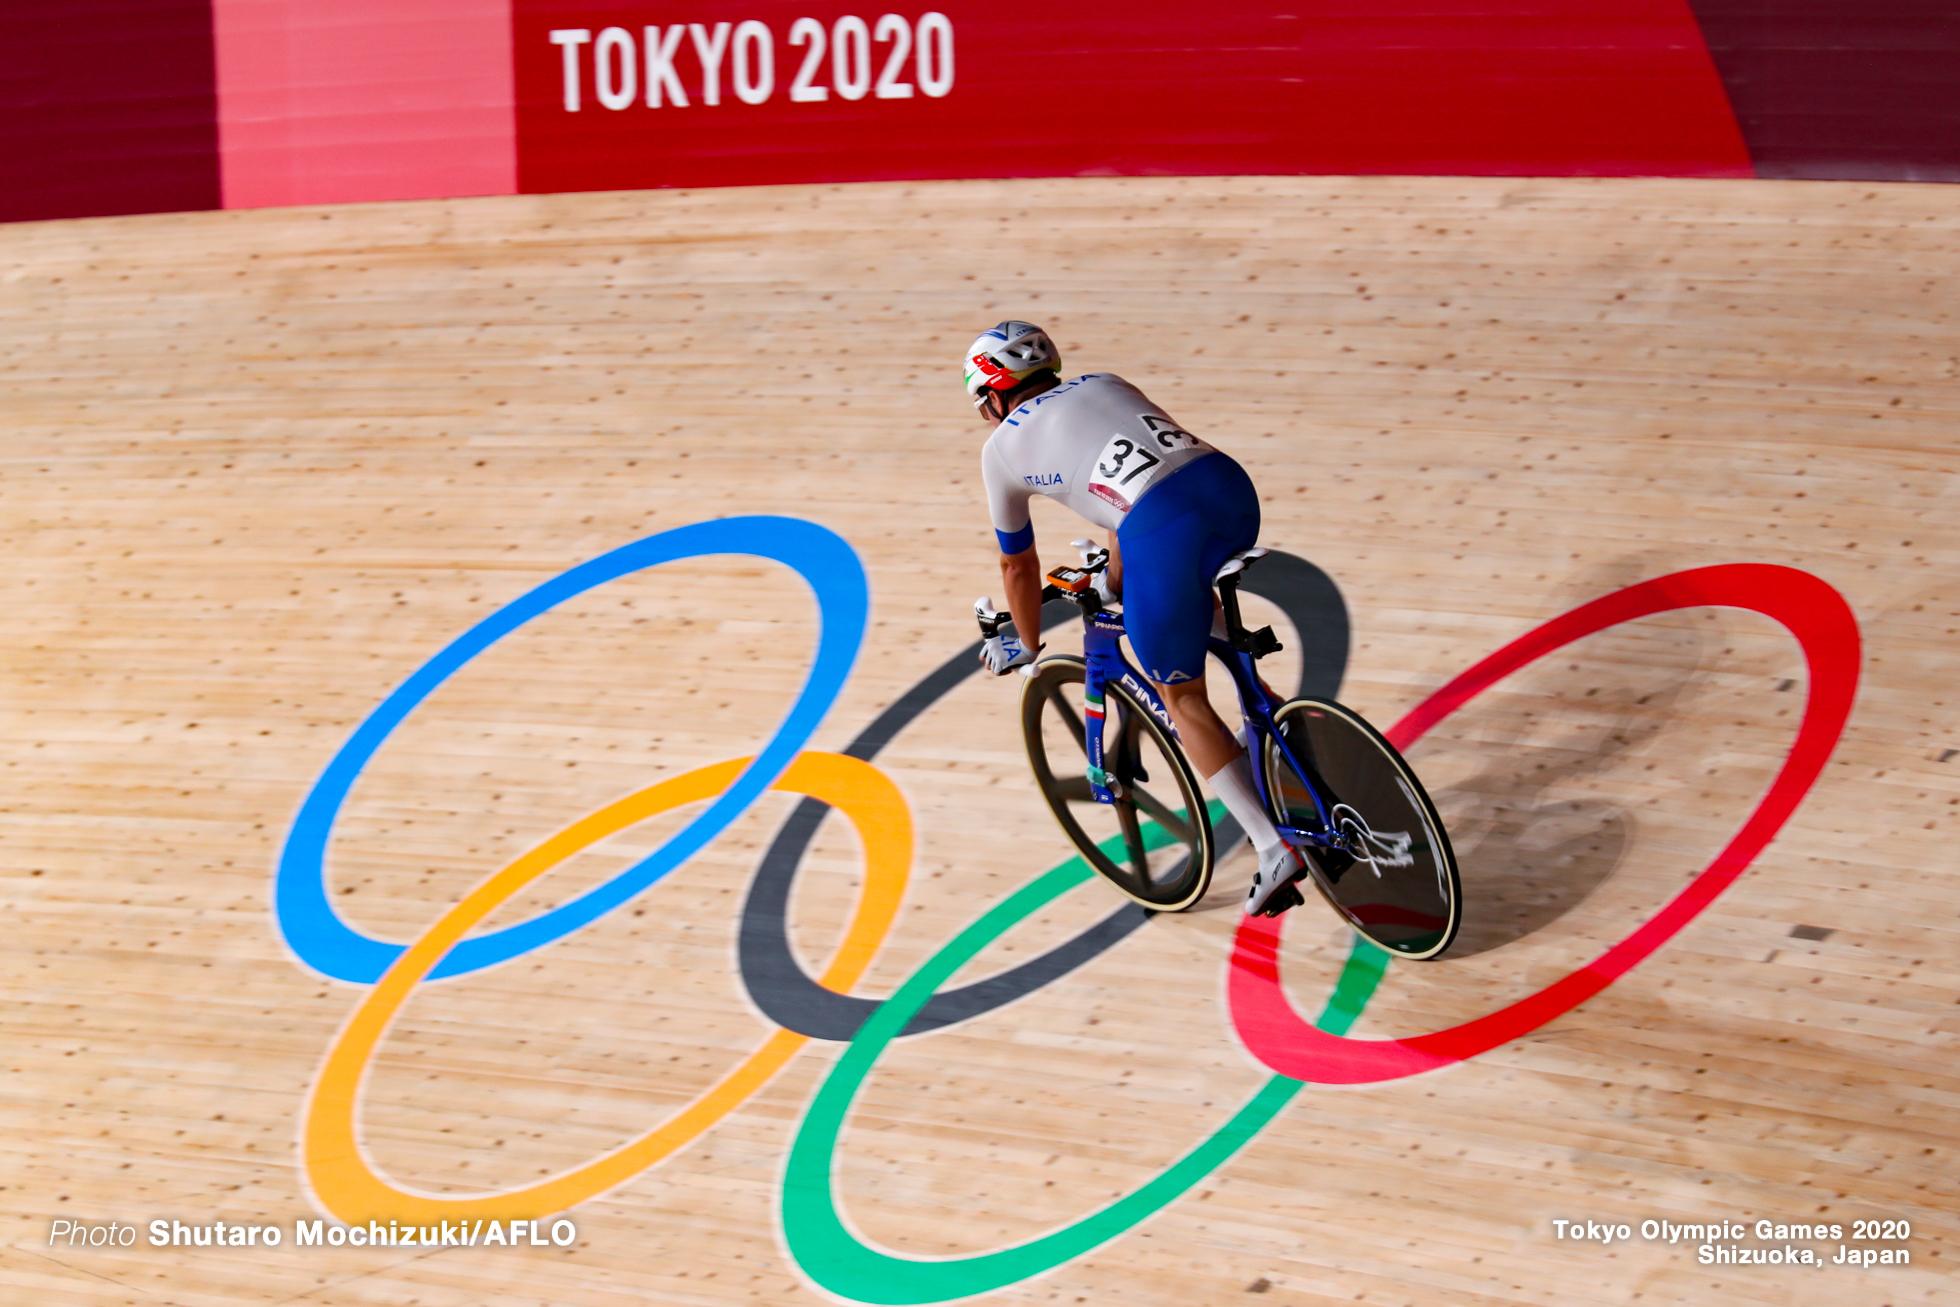 エリア・ビビアーニ Elia Viviani (ITA), Men's Omnium AUGUST 5, 2021 - Cycling : during the Tokyo 2020 Olympic Games at the Izu Velodrome in Shizuoka, Japan. (Photo by Shutaro Mochizuki/AFLO)